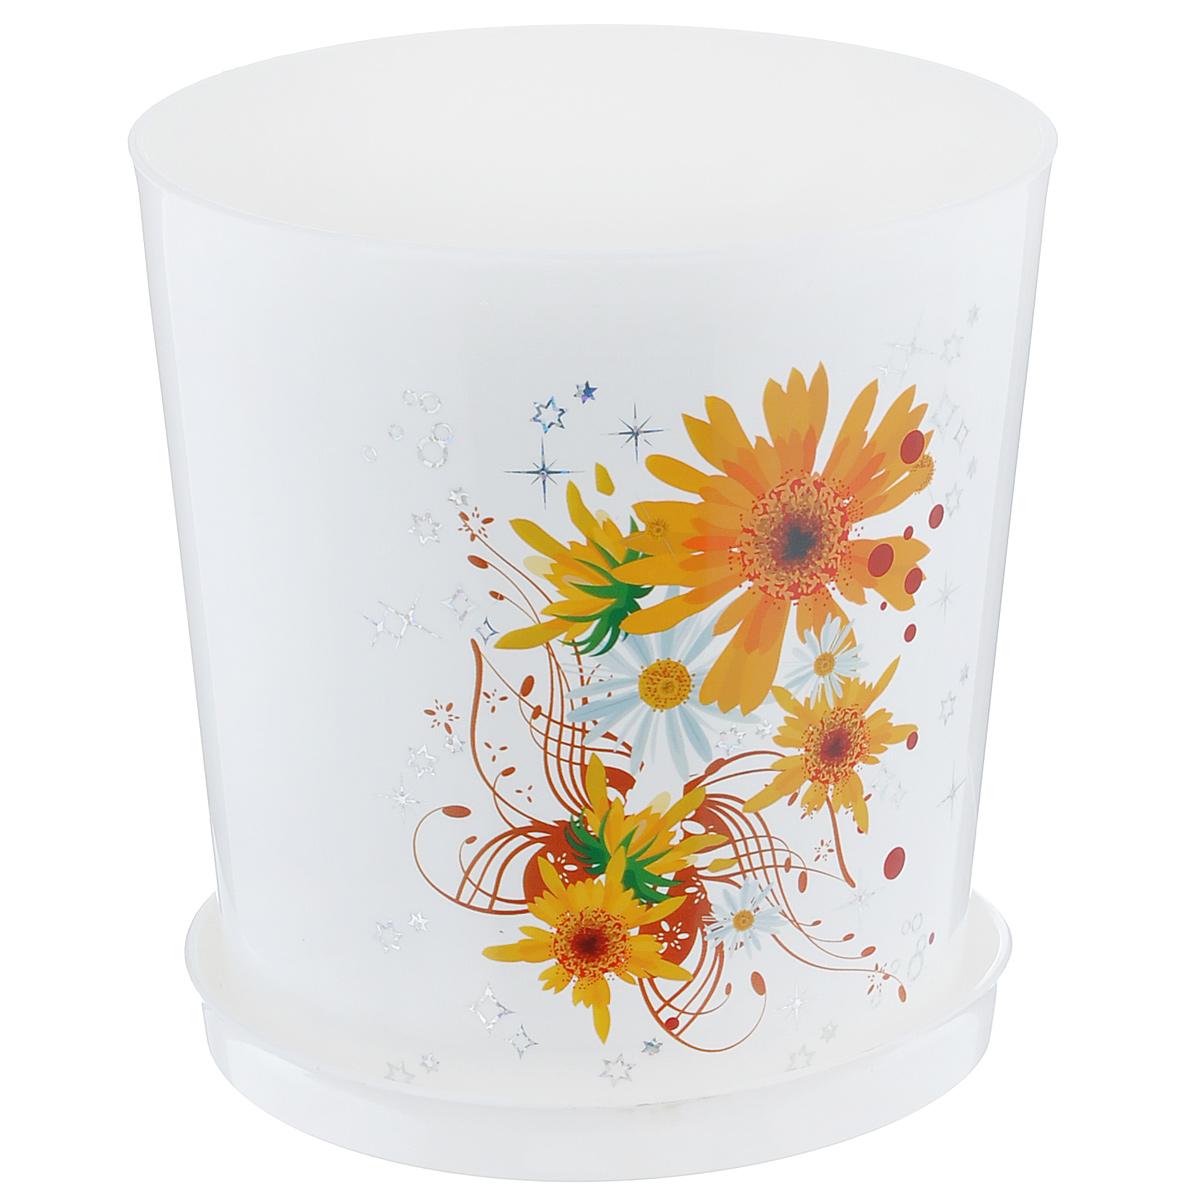 Горшок цветочный Альтернатива Совершенство, с поддоном, 1,8 л, диаметр 13,5 смМ1599Цветочный горшок Альтернатива Совершенство выполнен из пластика и предназначен для выращивания в нем цветов, растений и трав. Такой горшок порадует вас современным дизайном и функциональностью, а также оригинально украсит интерьер помещения. К горшку прилагается поддон. Объем горшка: 1,8 л. Диаметр горшка по верхнему краю: 13,5 см. Высота горшка: 15 см. Диаметр поддона: 13 см.